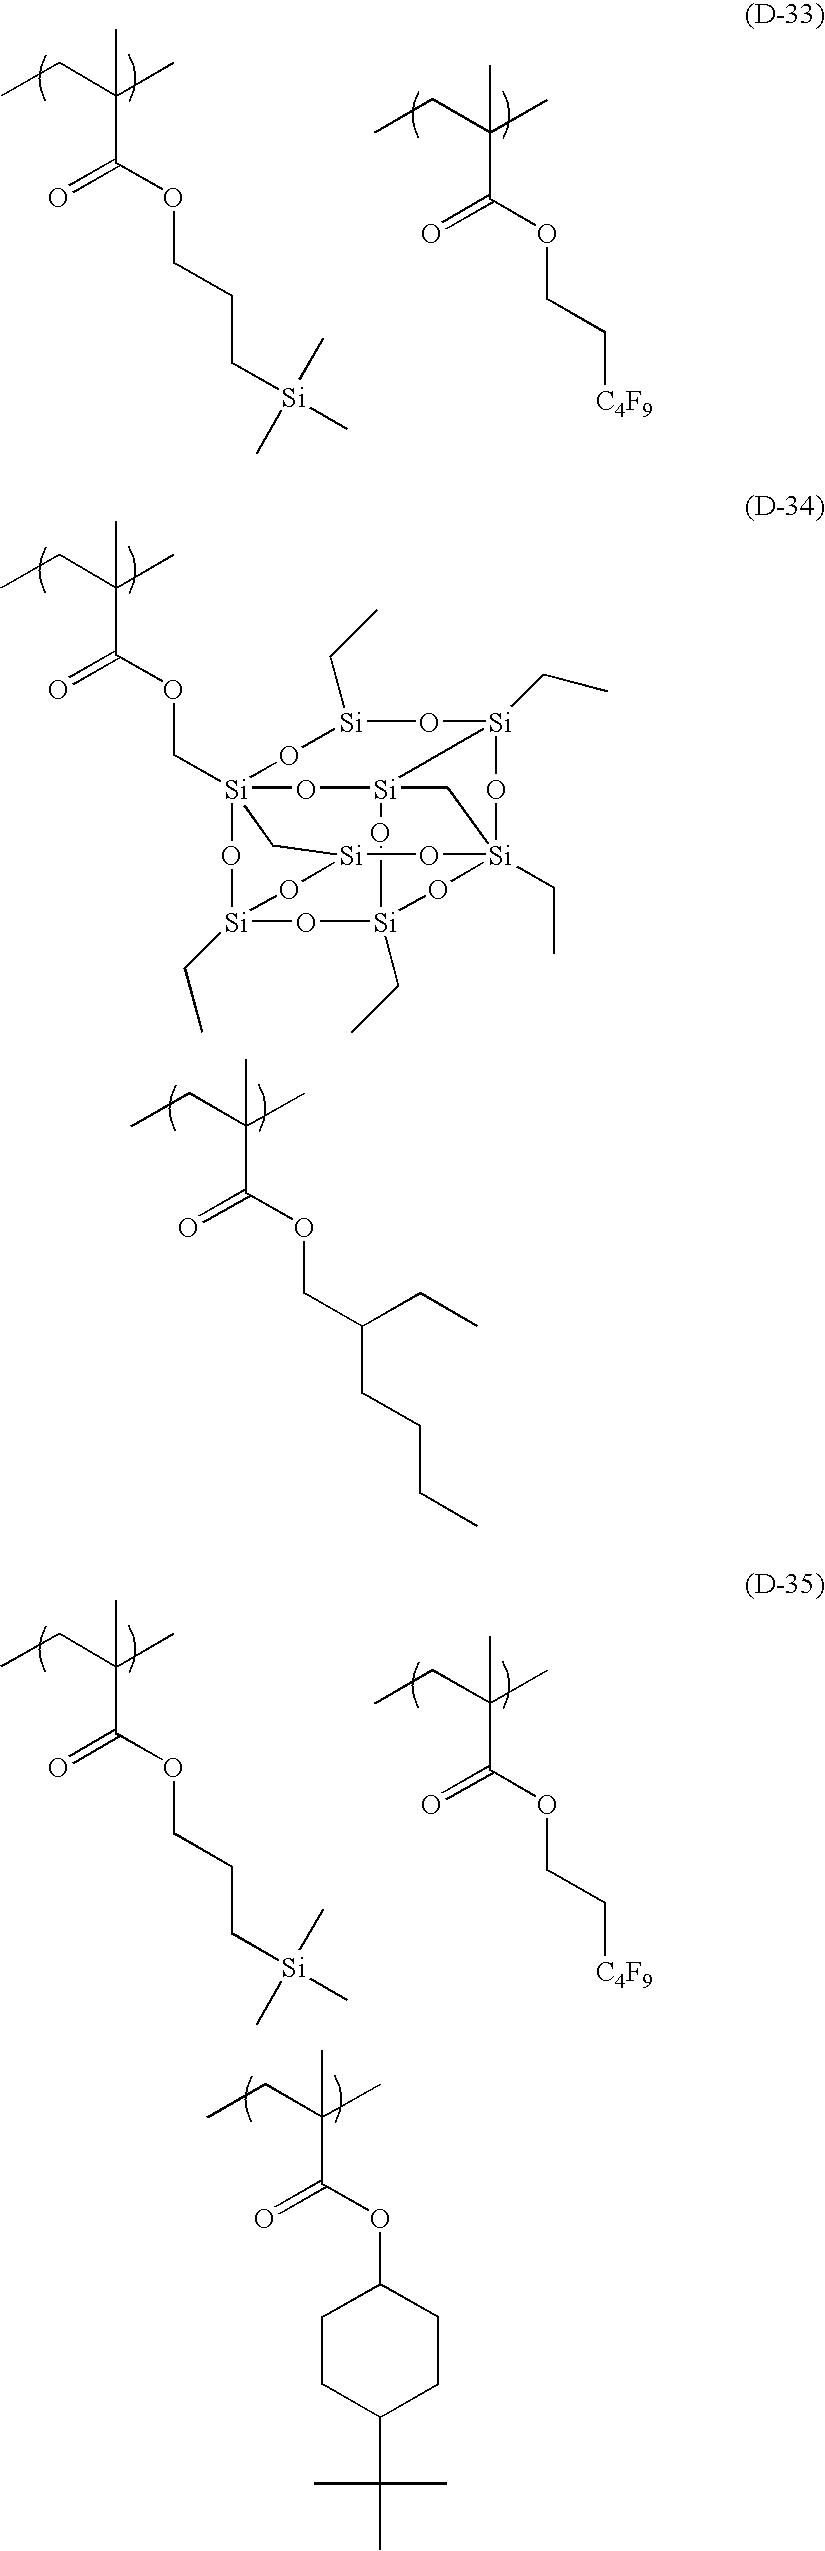 Figure US08017298-20110913-C00089